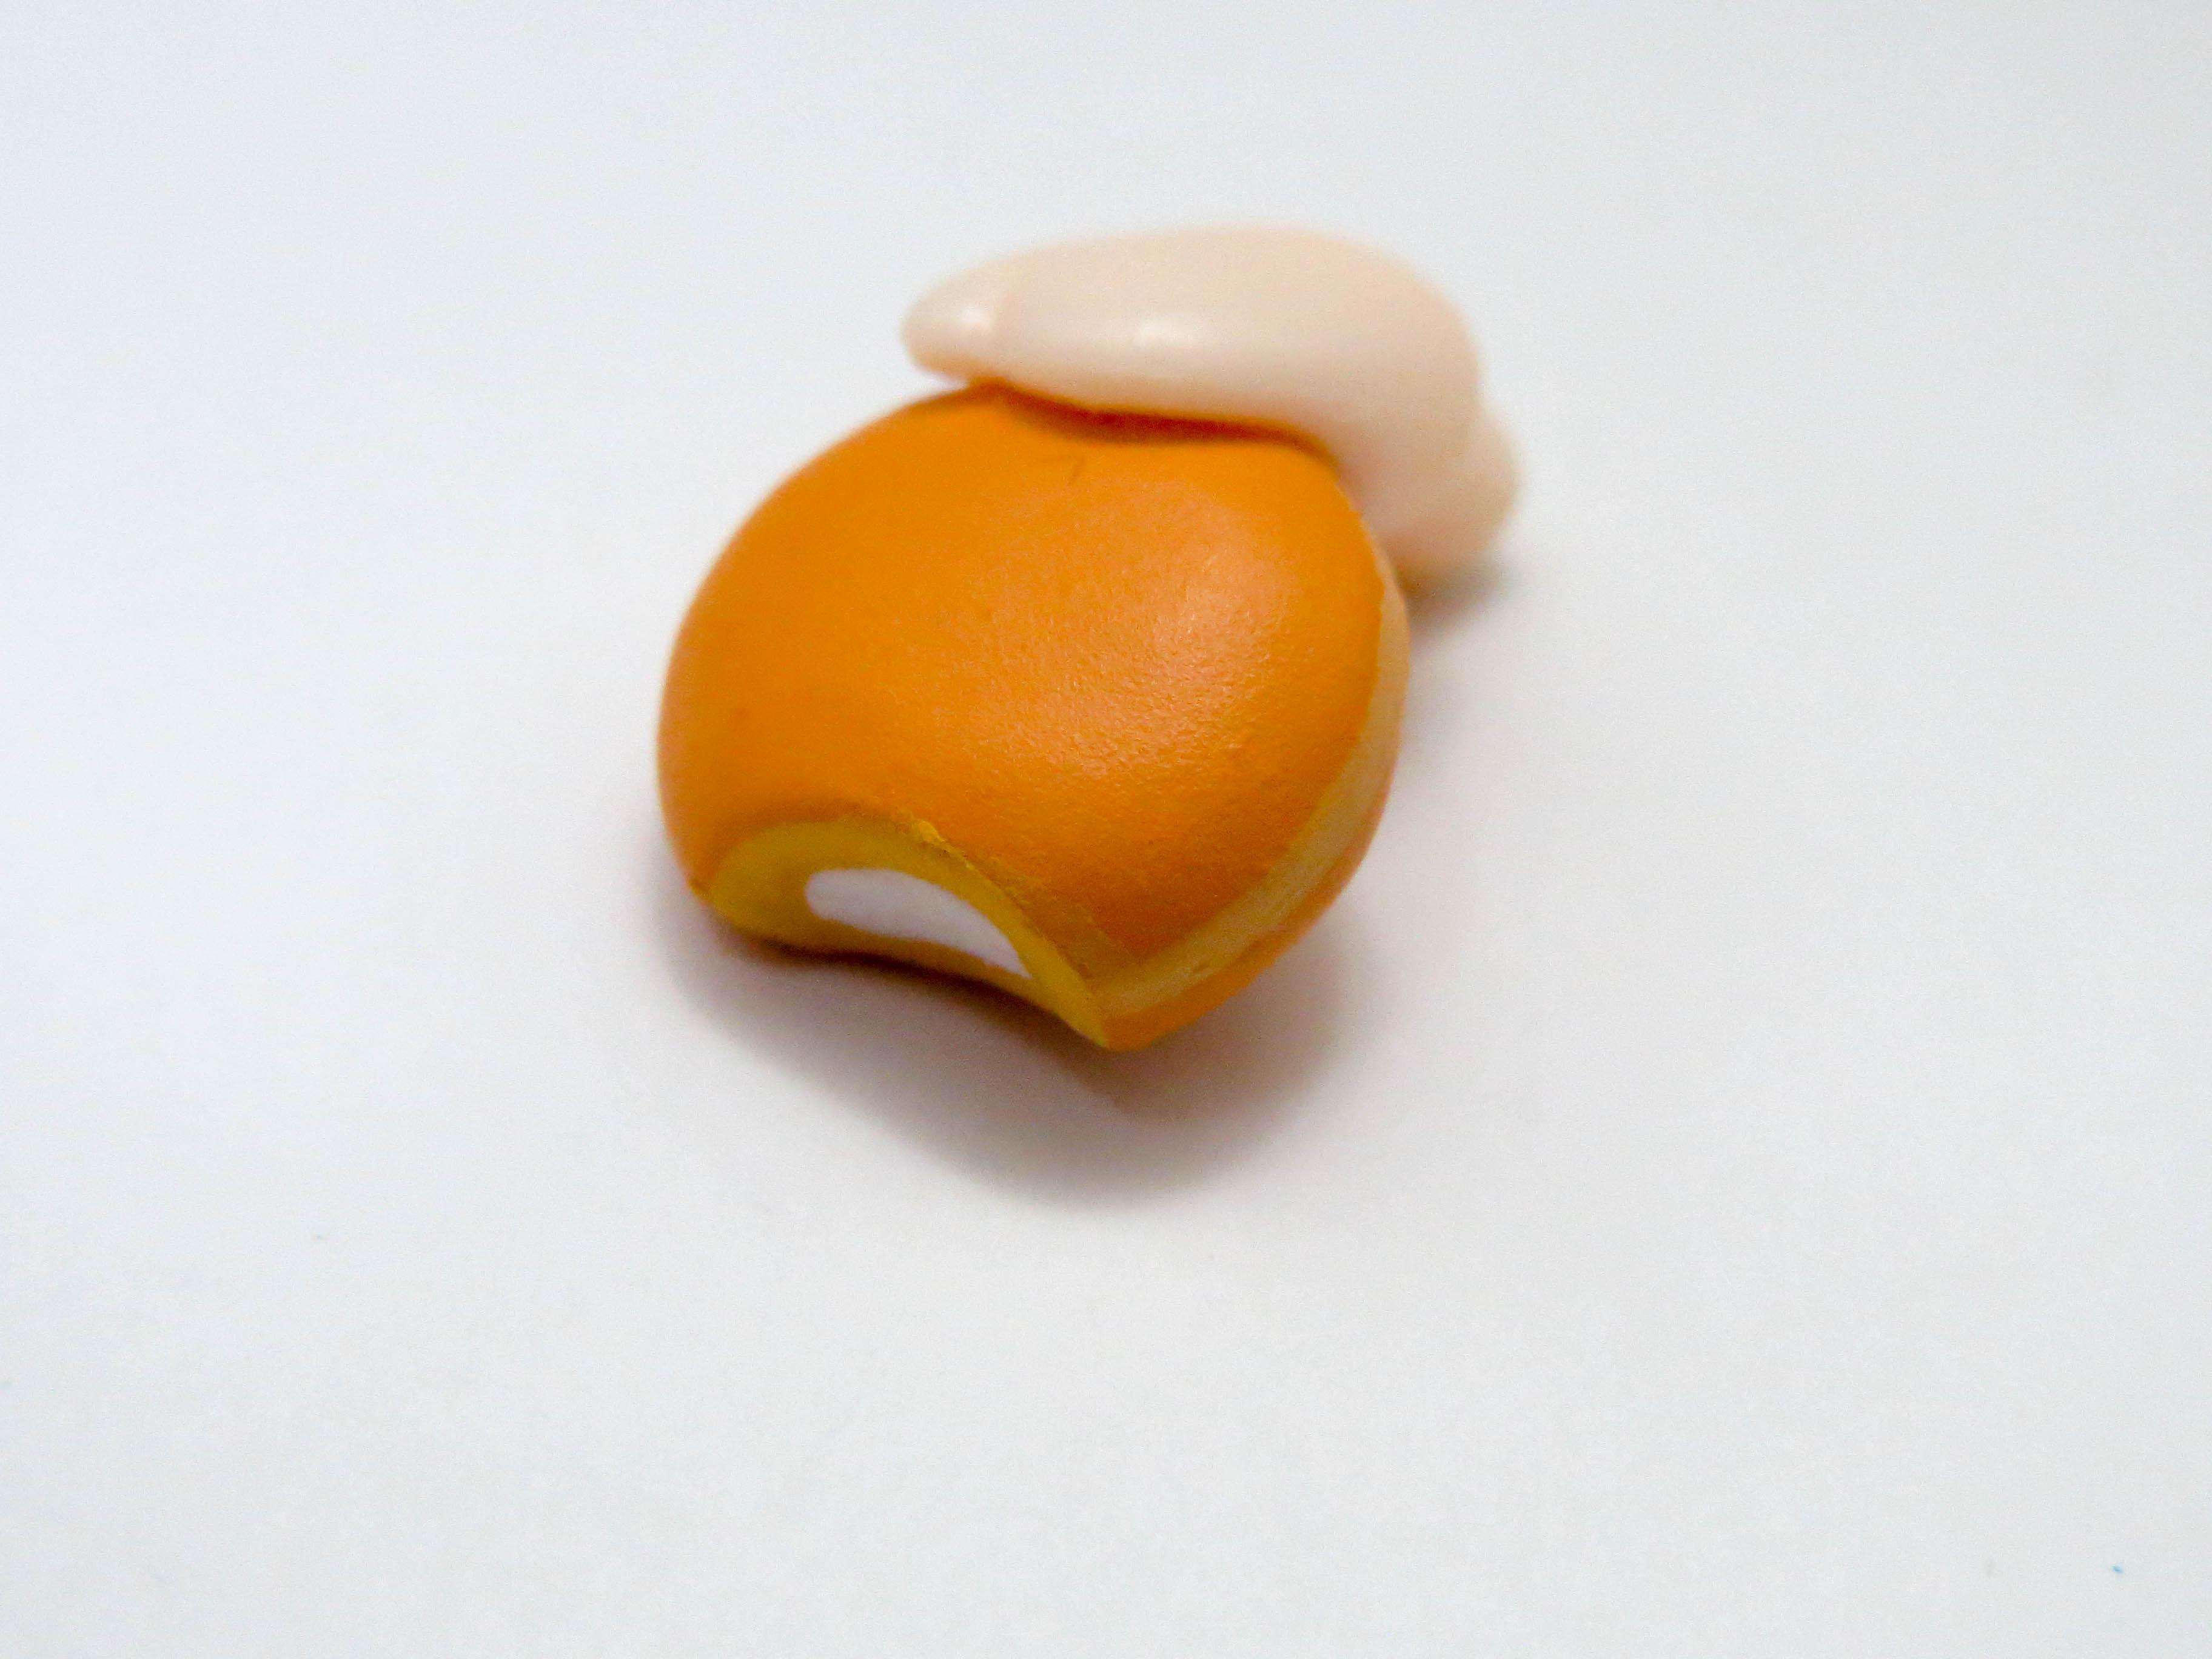 再入荷【424】 忍野忍 小物パーツ 食べかけドーナツ(穴なし) ねんどろいど